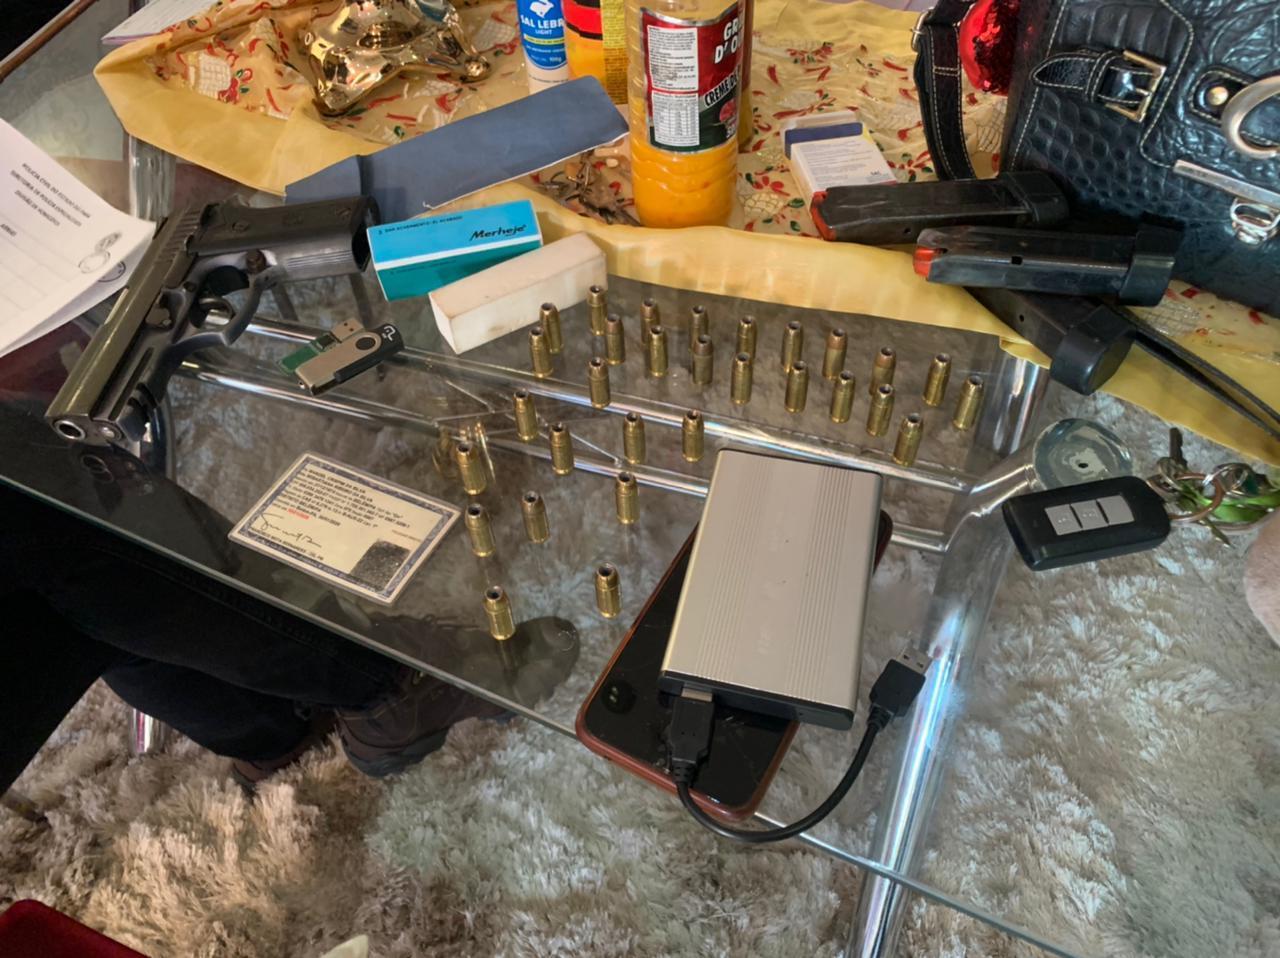 Uma arma e munições foram apreendidas com um dos suspeitos